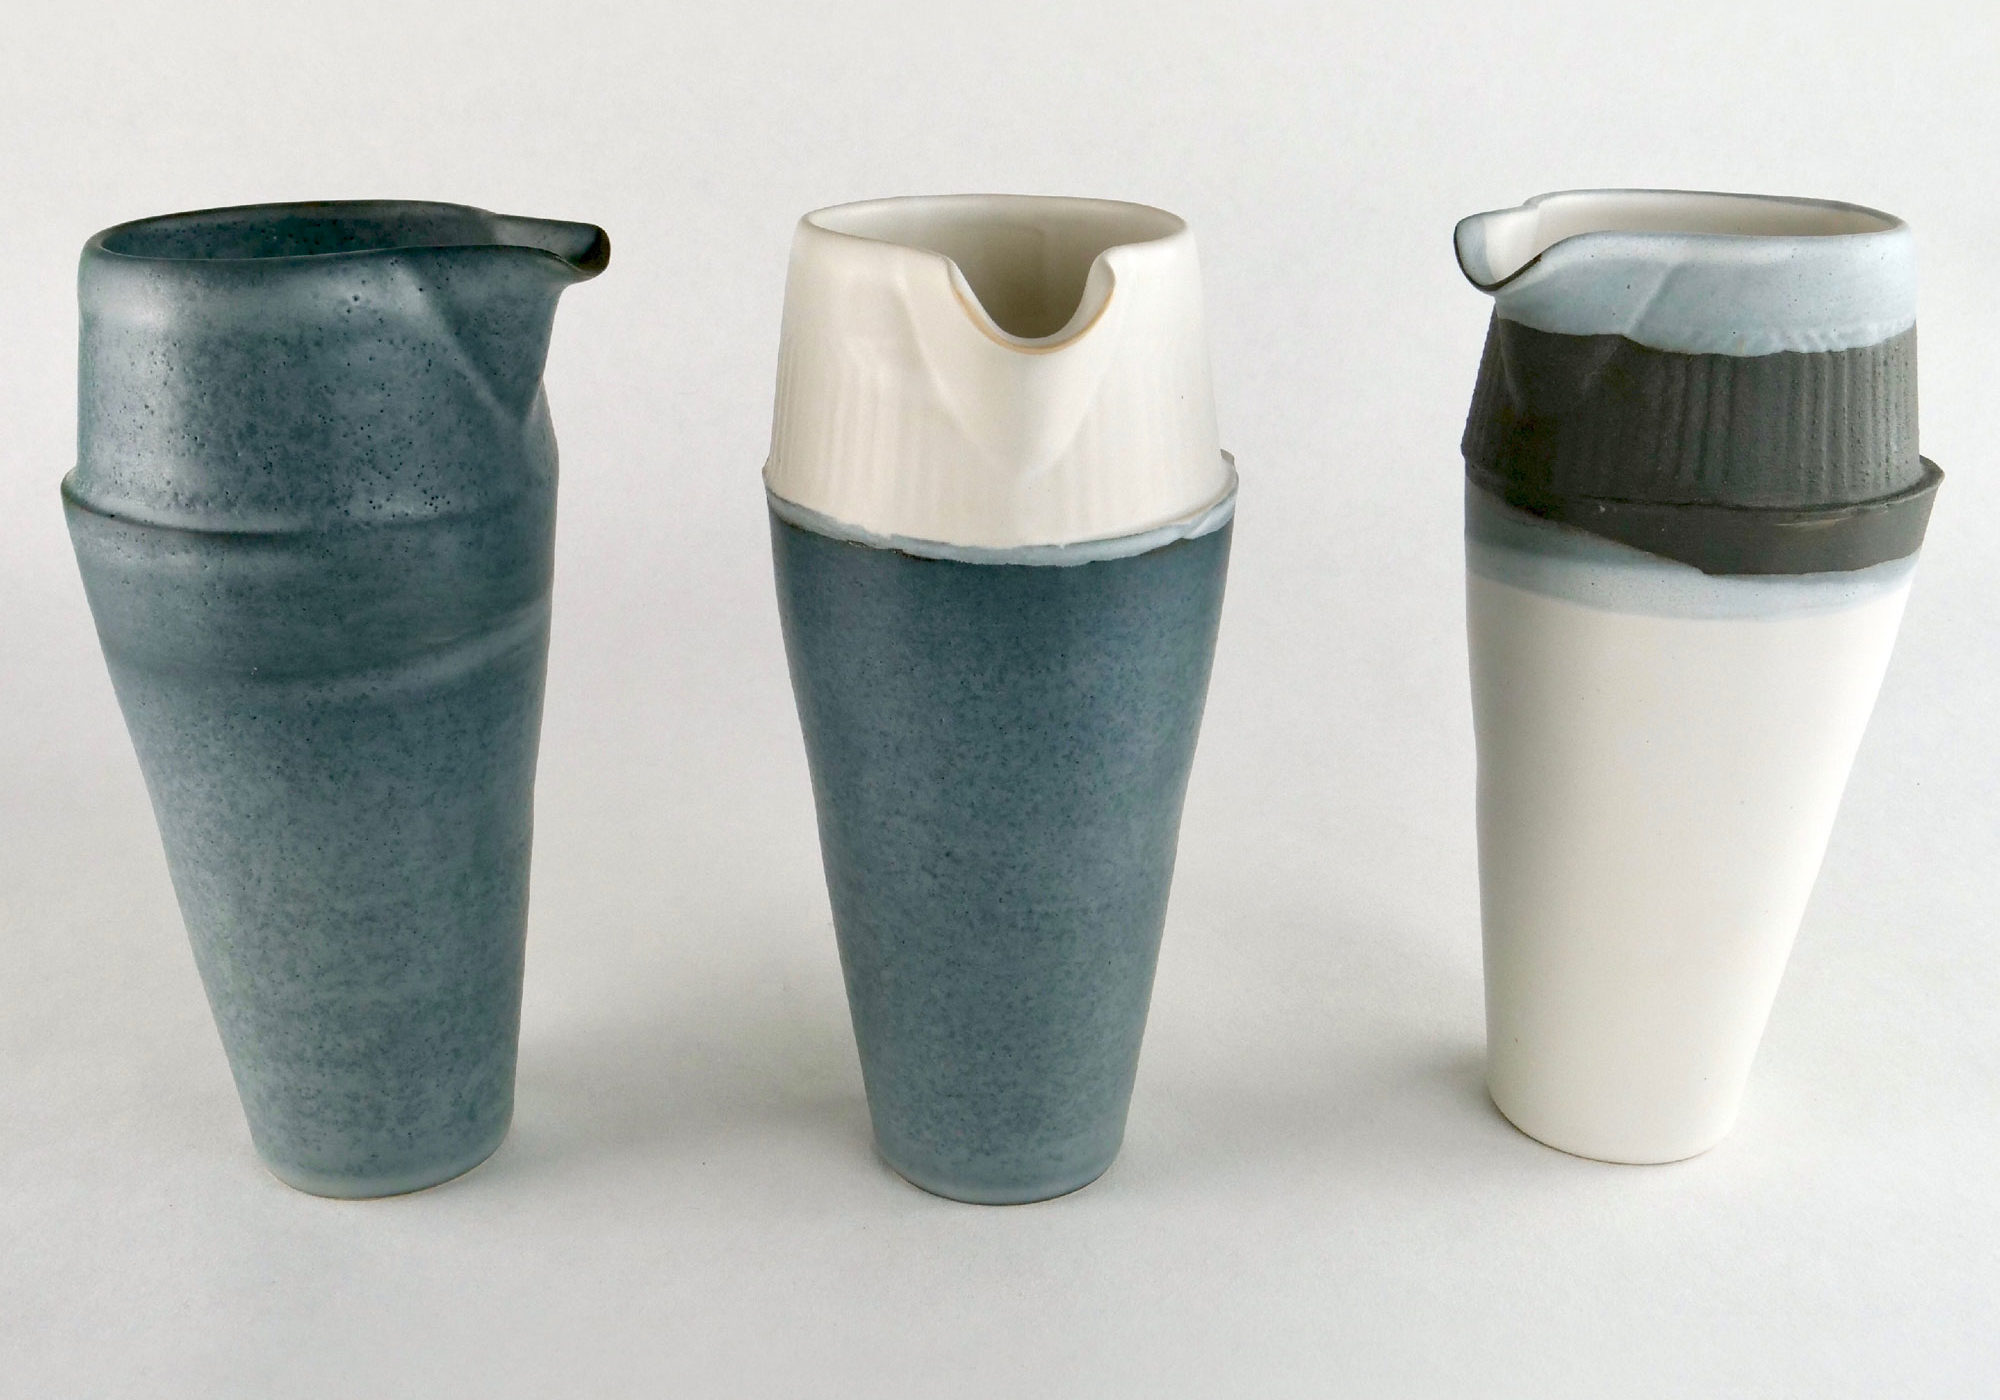 07-pichets-aline-lafollie-ceramique-poterie